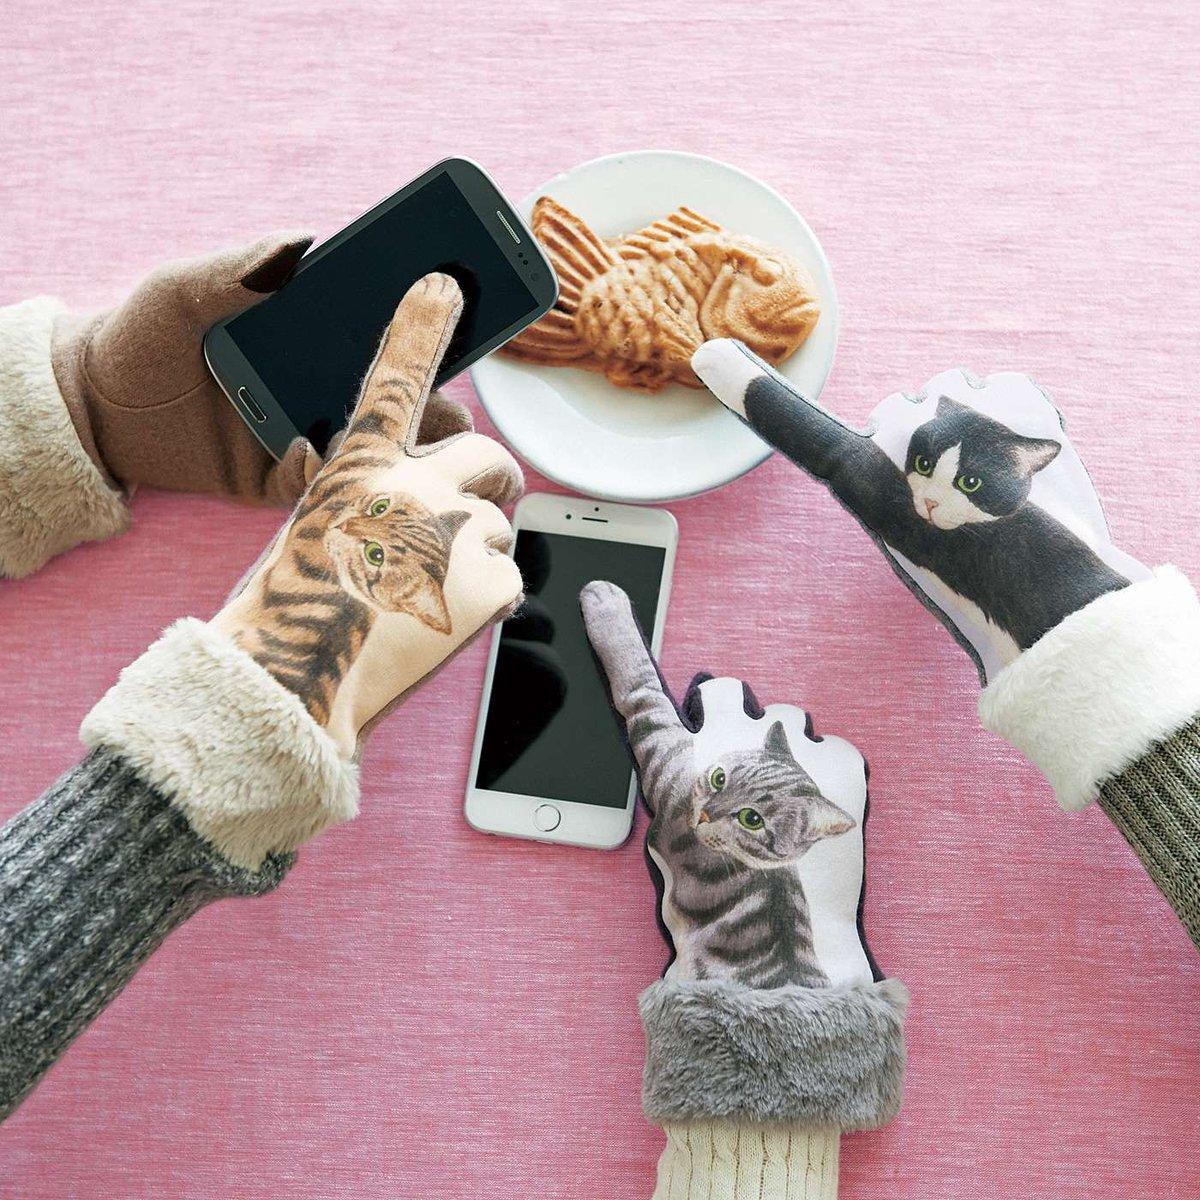 スマートフォン対応の「猫パンチ手袋」発売!  スマートフォンを操作するたび、猫パンチがーっ! https://t.co/kbyl6udM5Z https://t.co/u0dDWcIXBD